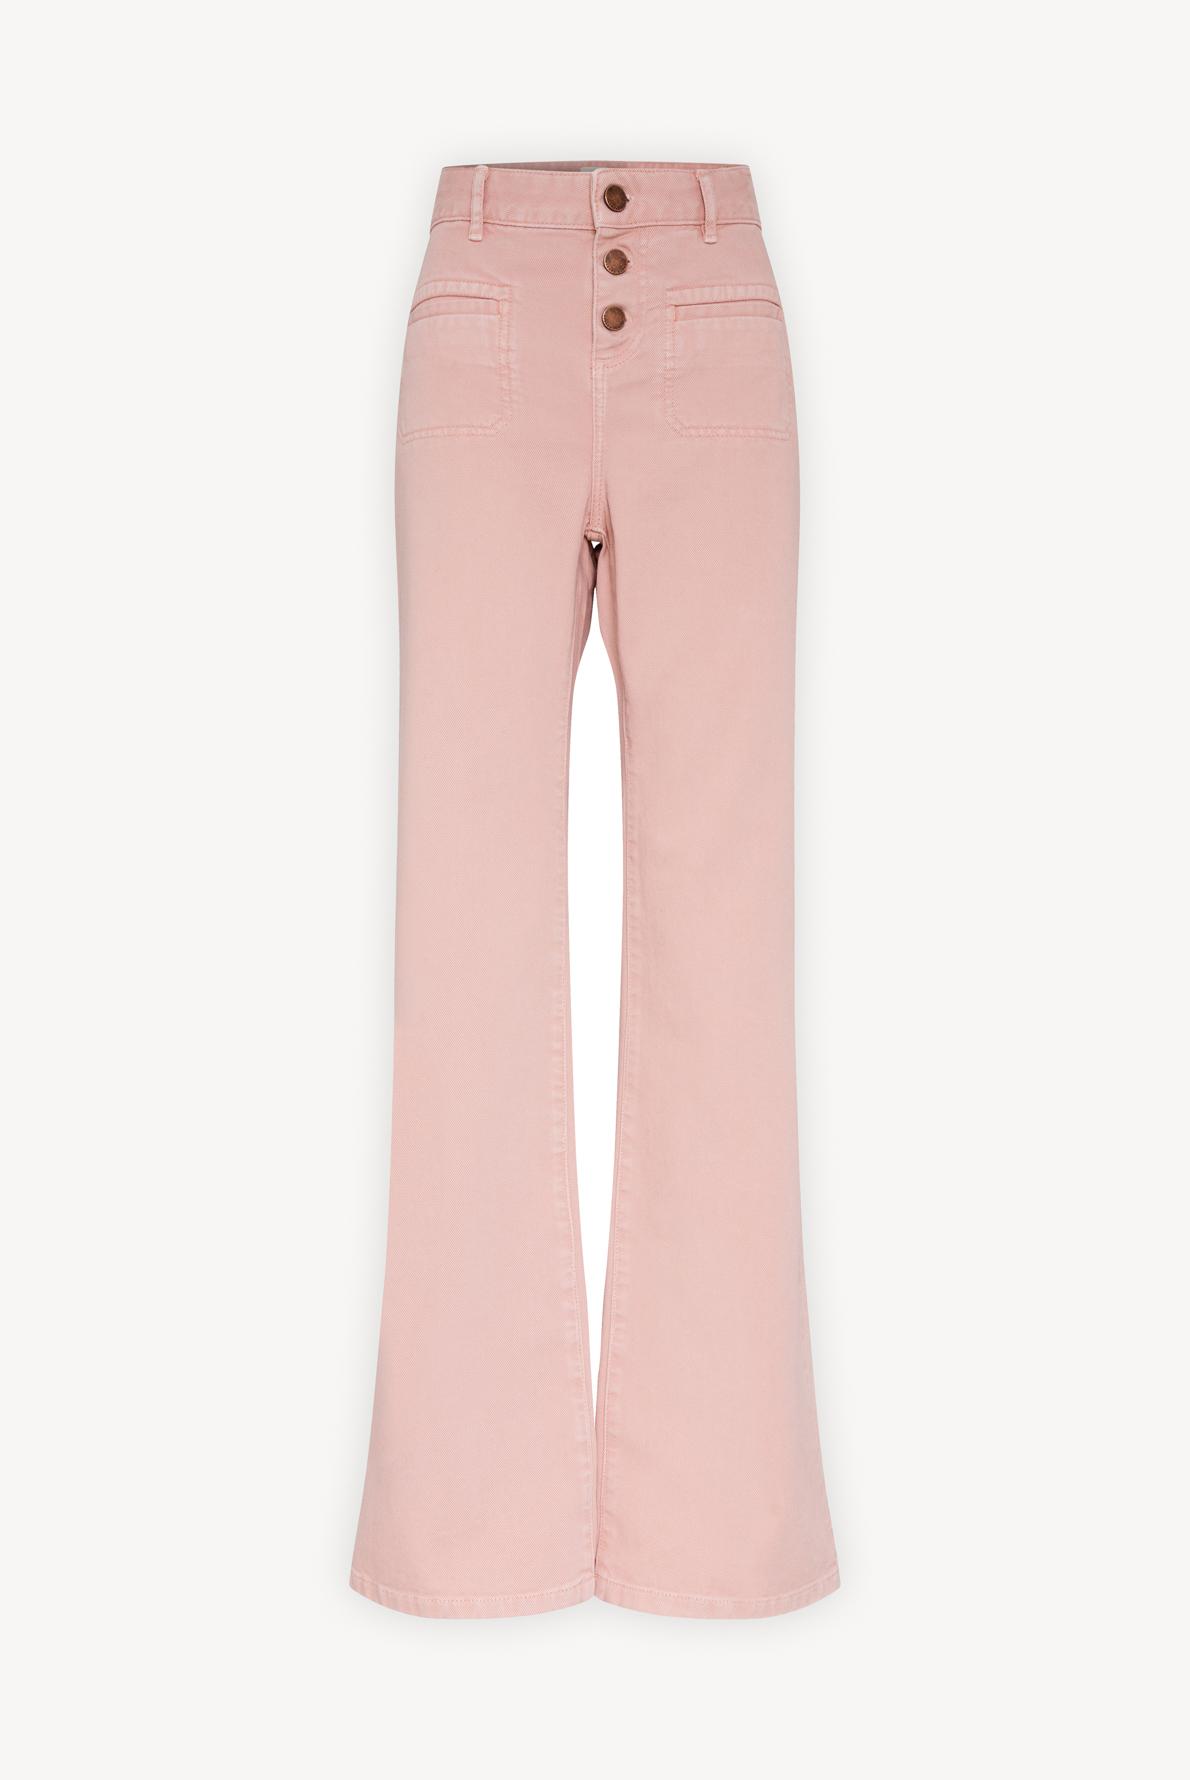 MONA - расклешенные брюки из хлопкового твила